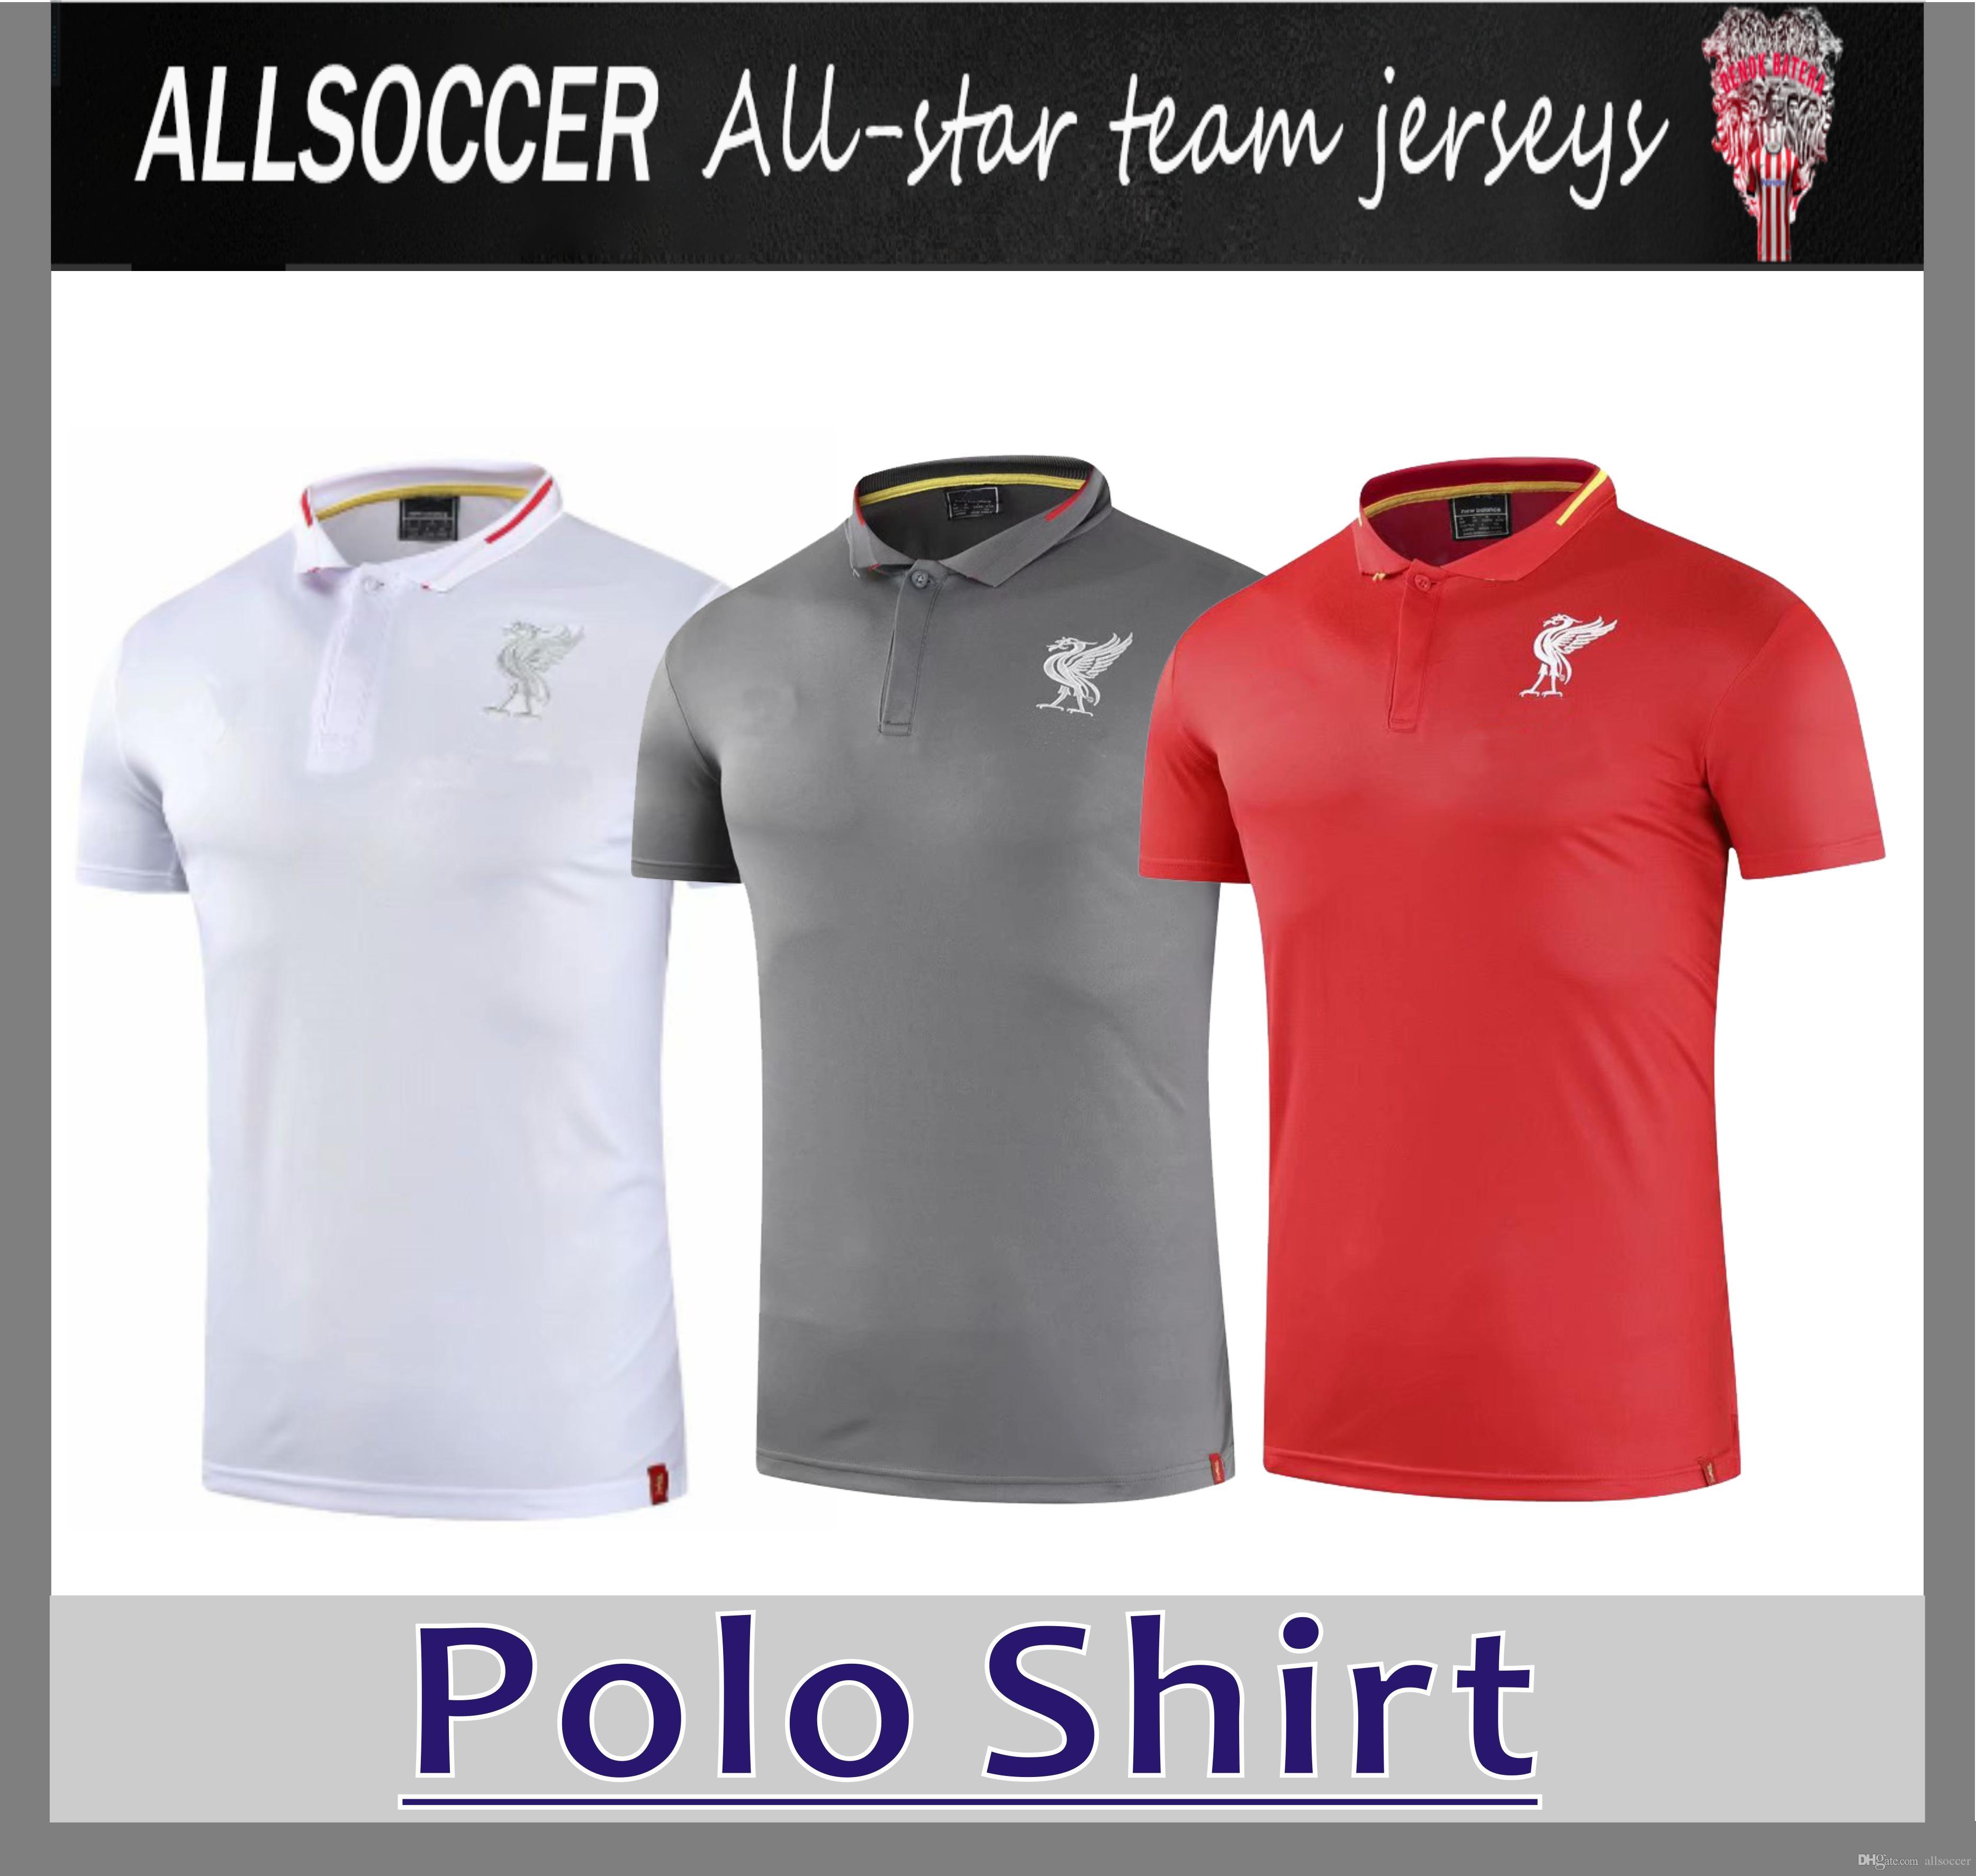 7a981a7b6b Compre 2019 LIV Polo Vermelho Branco E Cinza Camisa De Futebol 18 19 LIV  M.SALAH Pólo De Futebol Uniforme De Futebol Camisa Esportiva À Venda De  Allsoccer